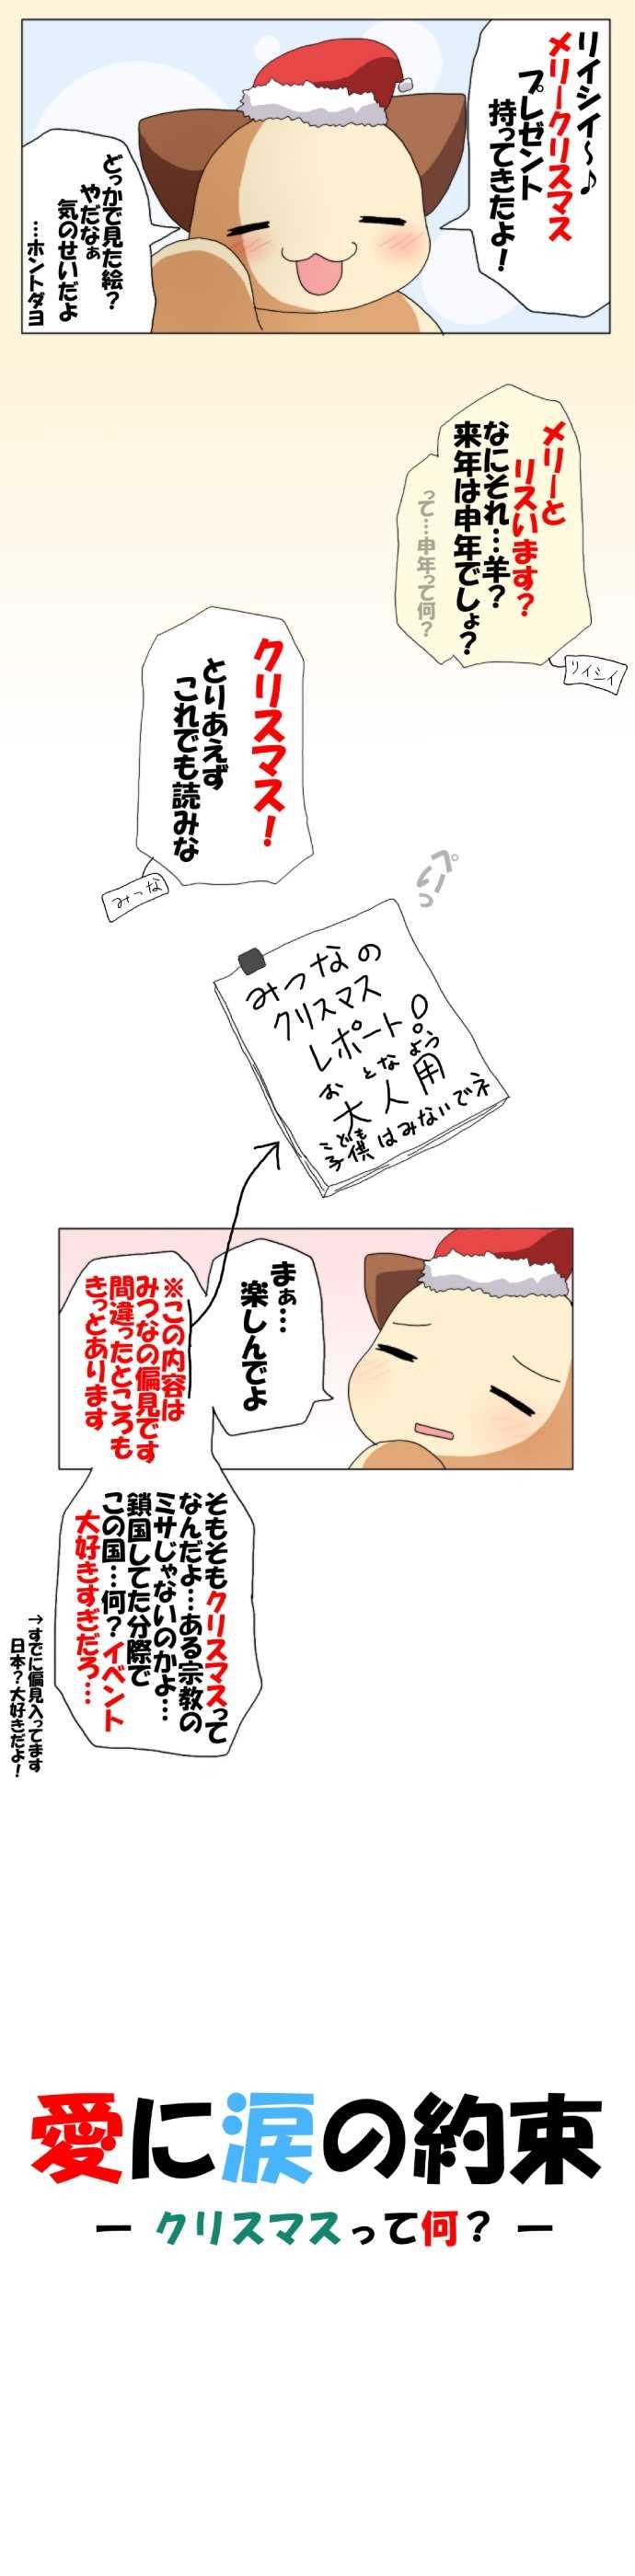 番外「クリスマスって何?」